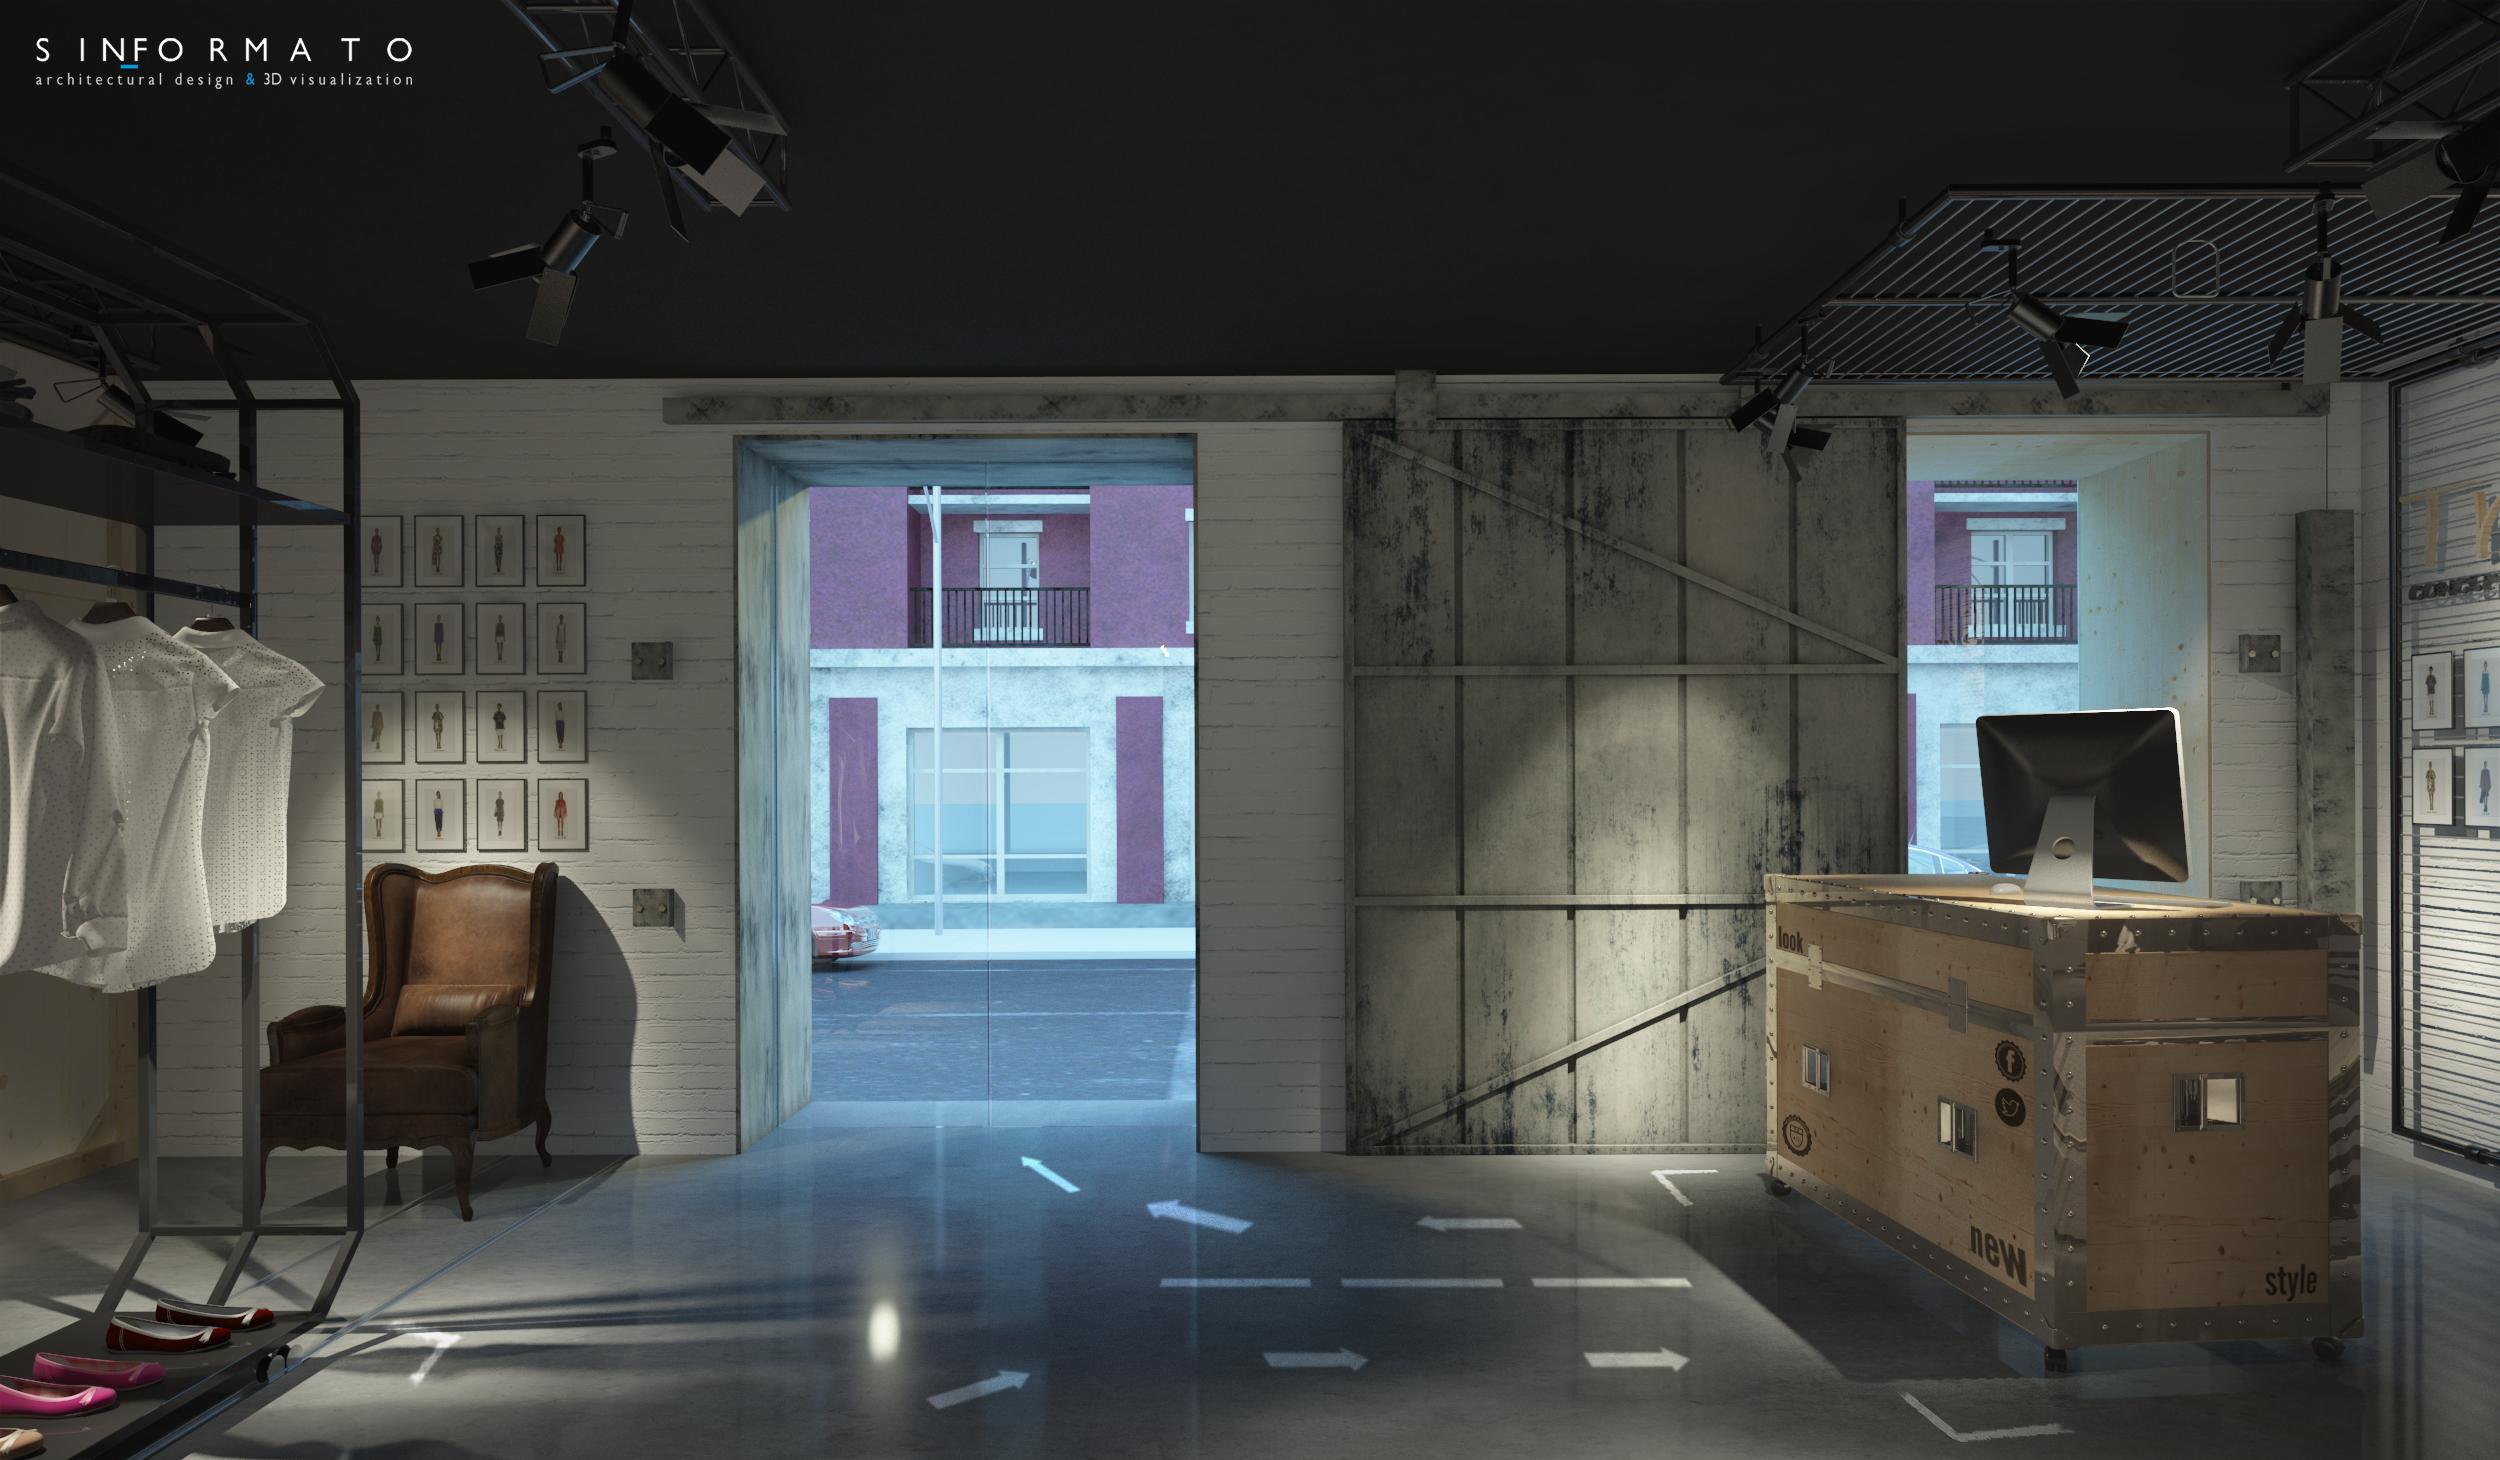 Dise o e interiorismo new concept store trasluz sin for Diseno arquitectonico e interiorismo